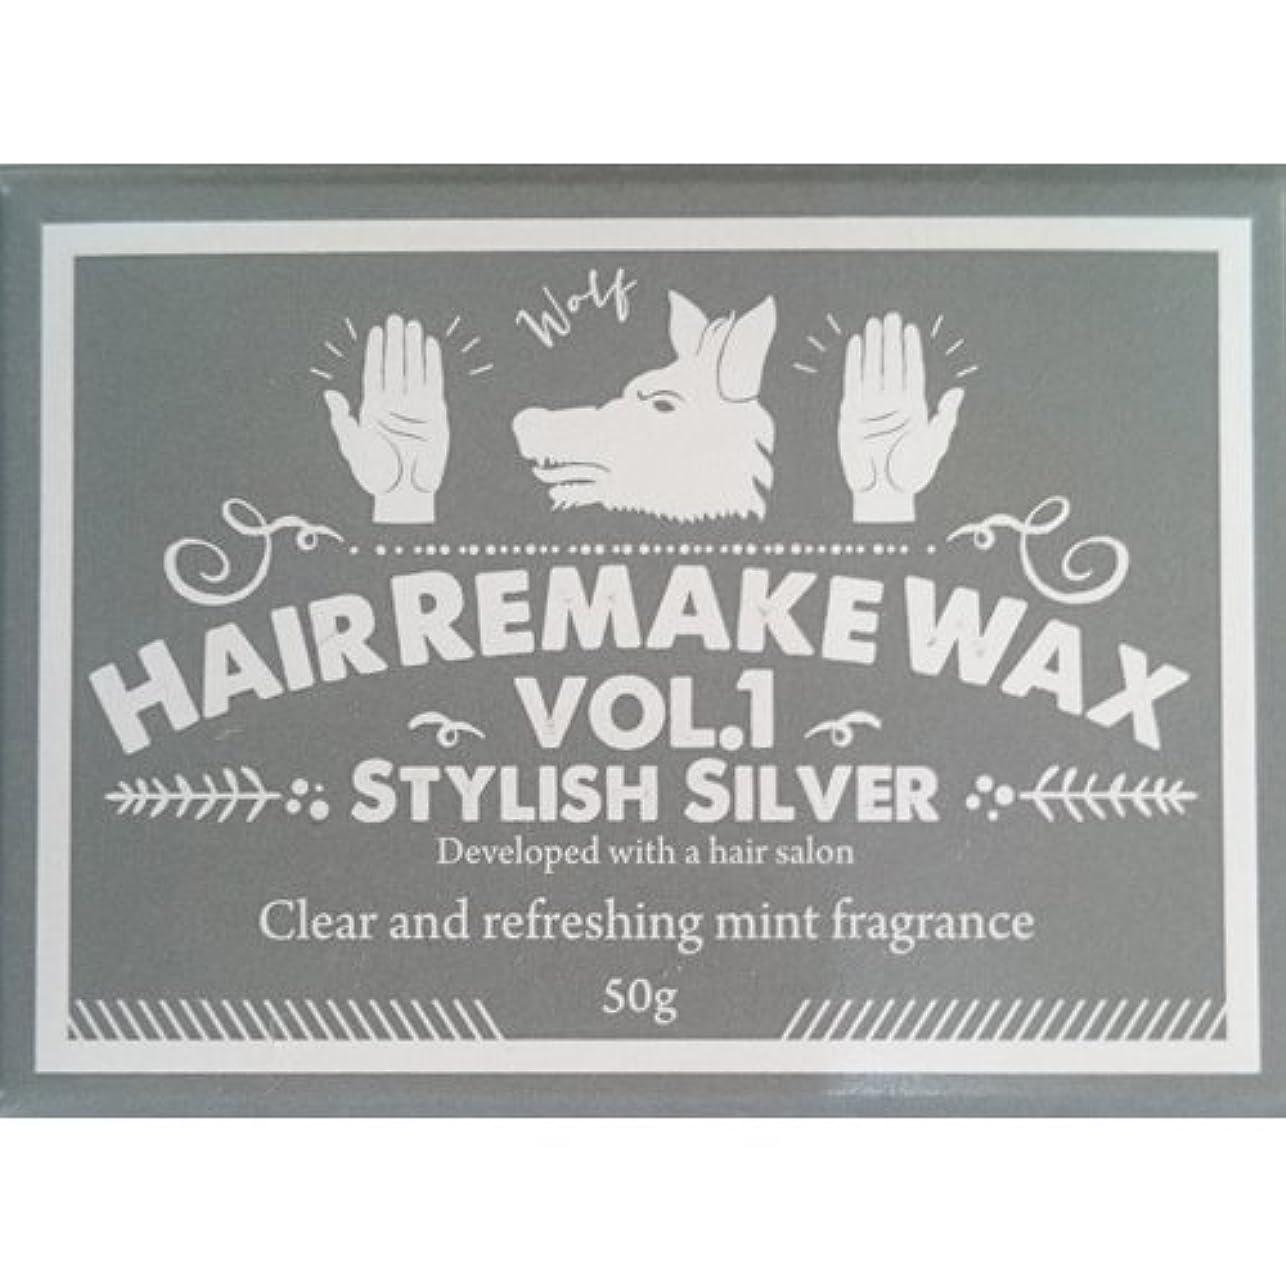 マーティフィールディング終了する代替案Hair Remake(ヘアーリメイク)WAX Vol.1 スタイリッシュシルバー 50g